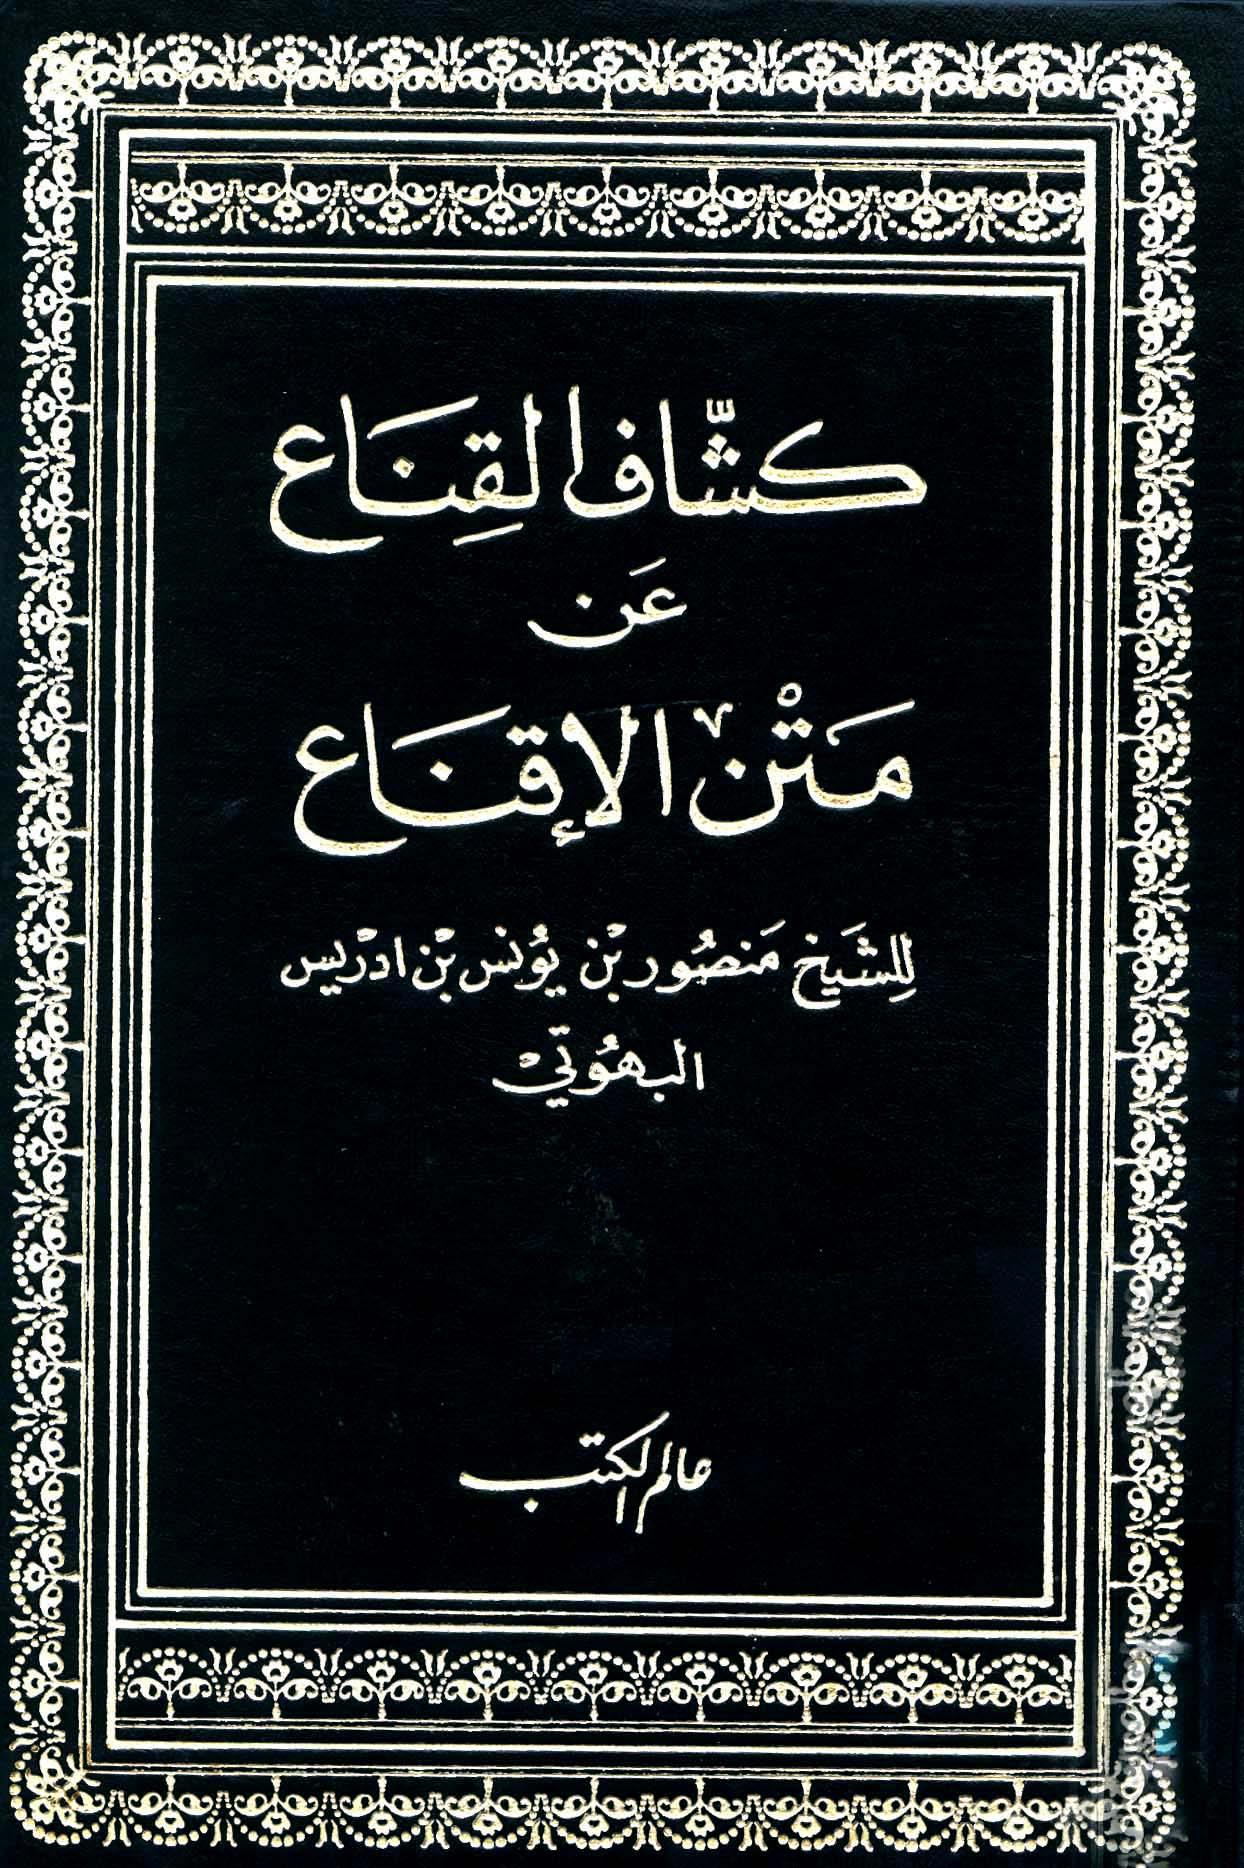 كتاب كشاف القناع pdf